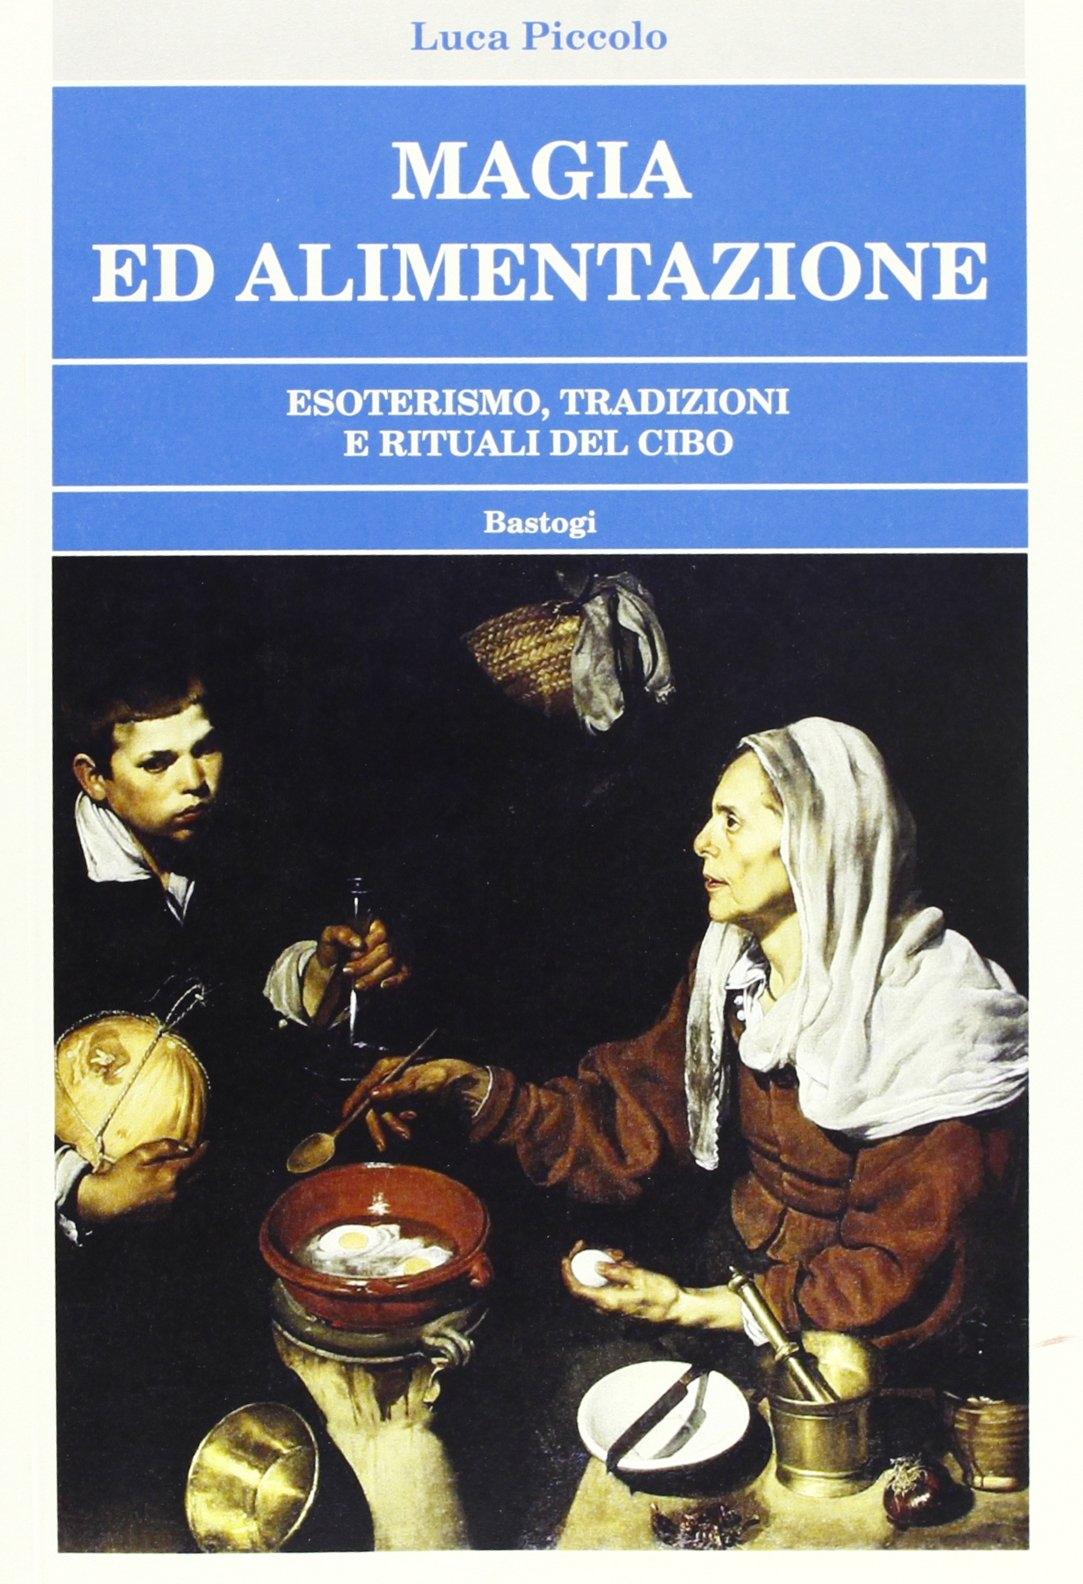 Magia ed alimentazione. Esoterismo, tradizioni e rituali del cibo.